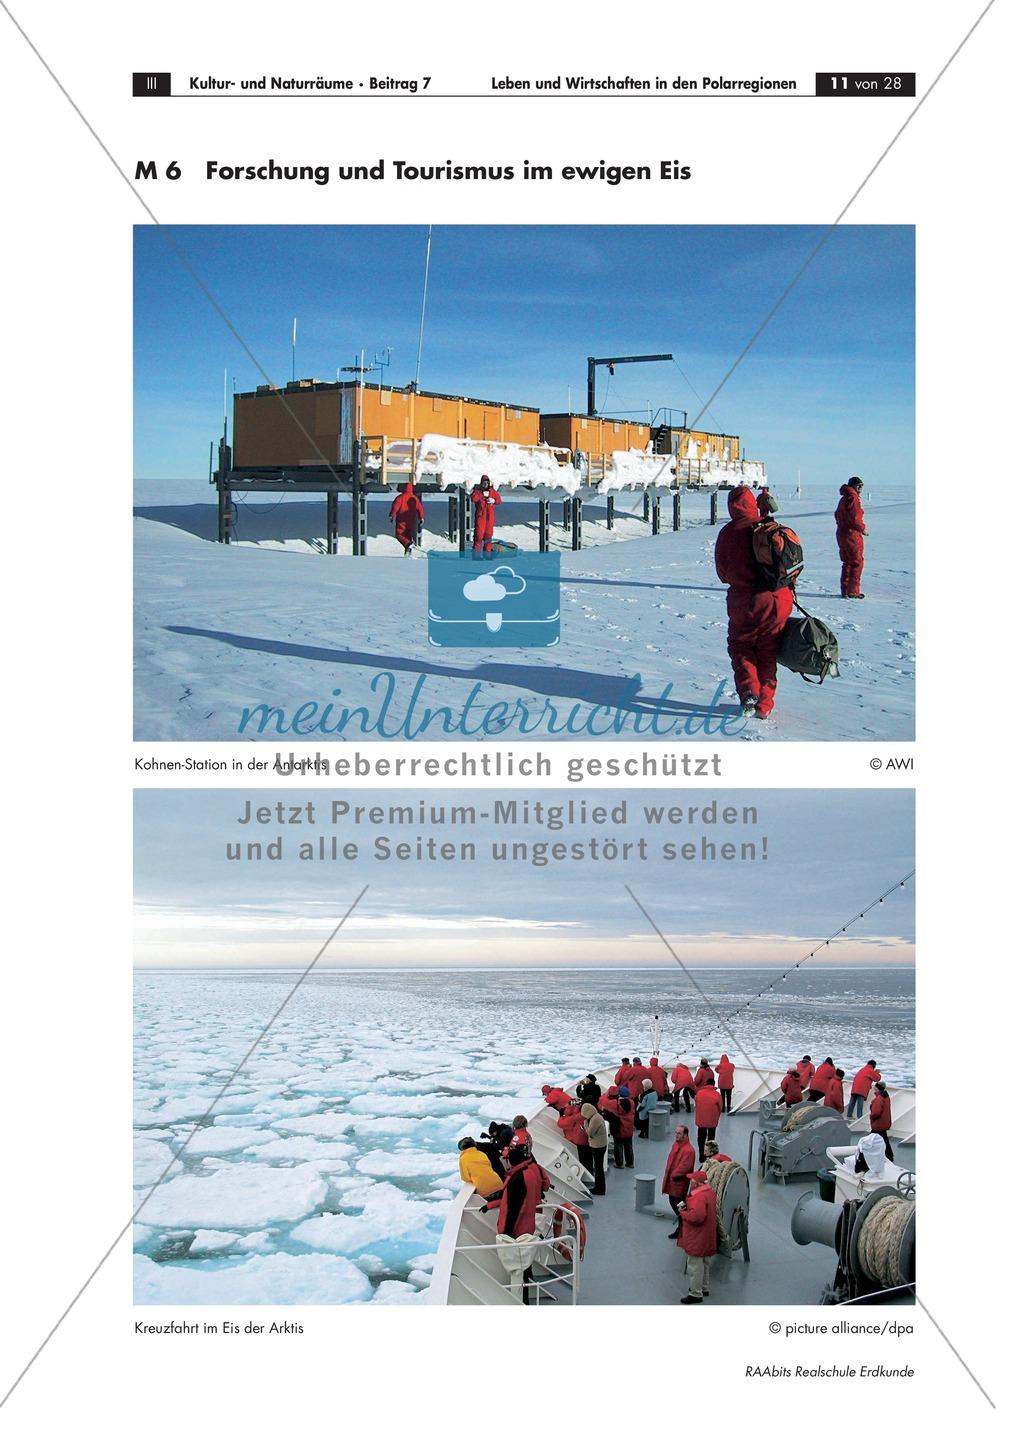 Leben + Wirtschaften in Polarregionen: Tourismus + Umwelt Preview 4